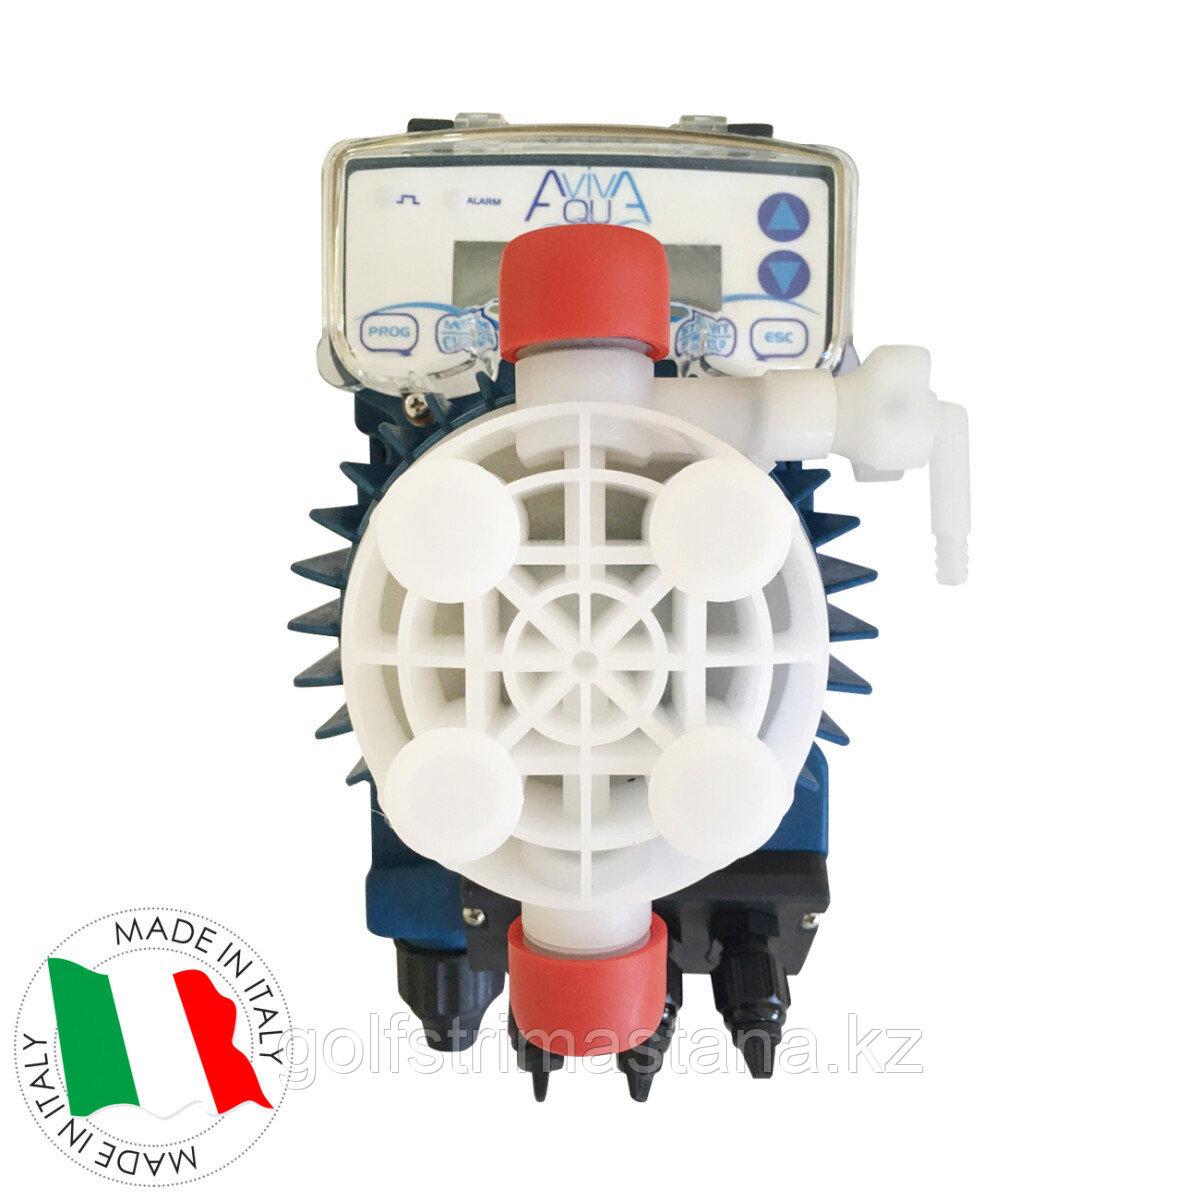 Дозирующий насос AquaViva ТPG803 универсальный / 25 л/ч / с ручн. регулир.